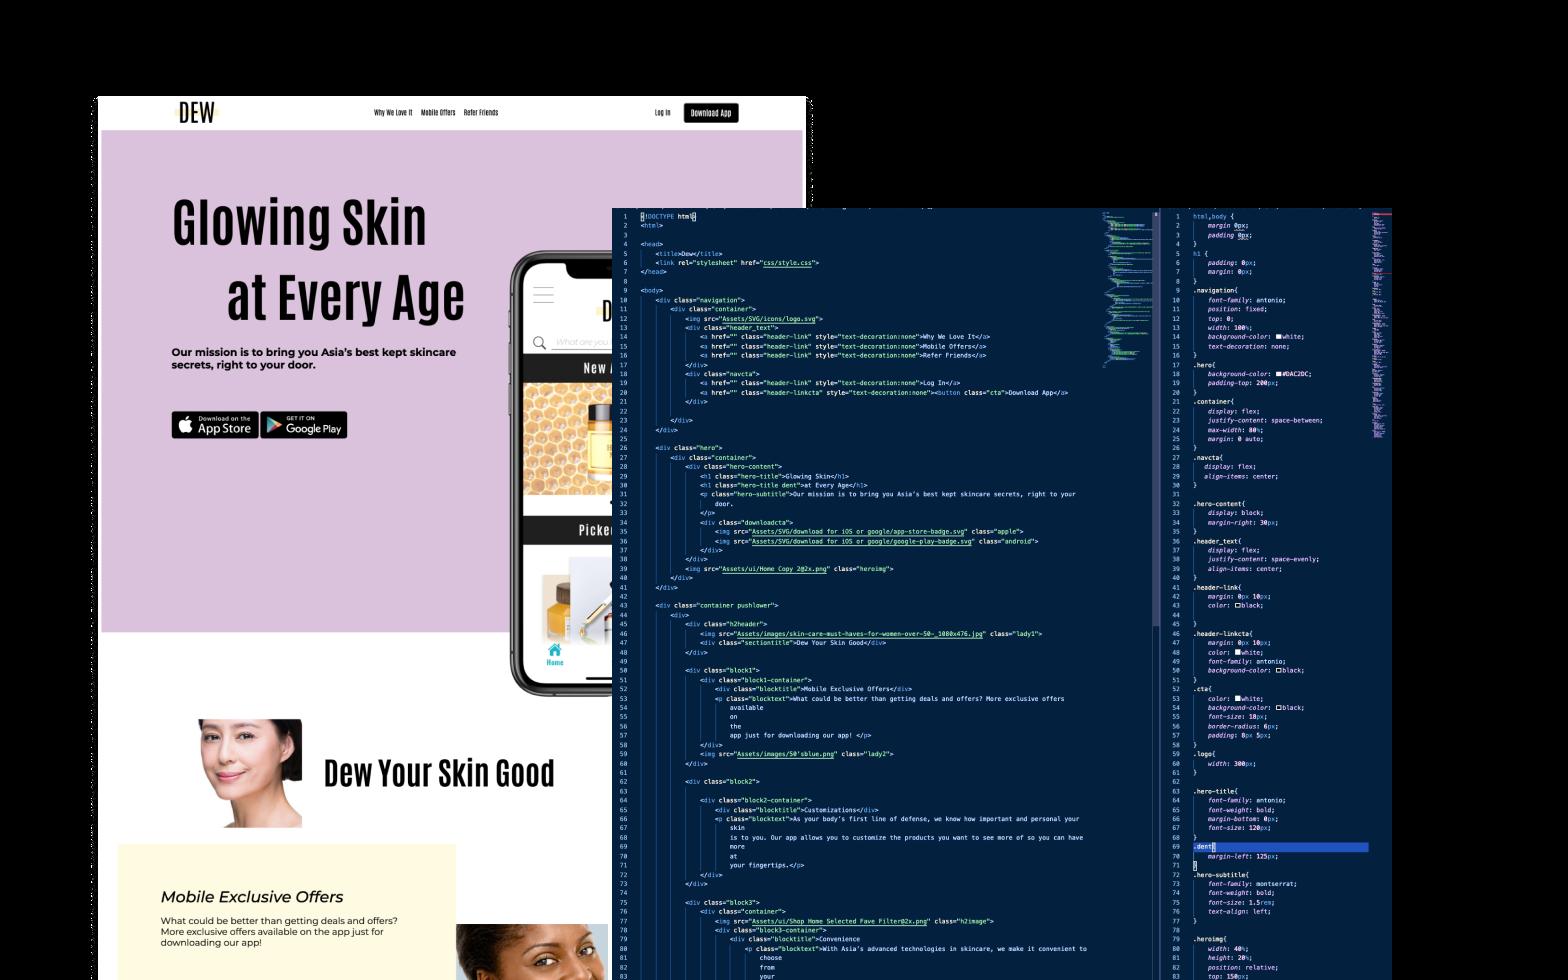 Dev-Dew-about-page-dark